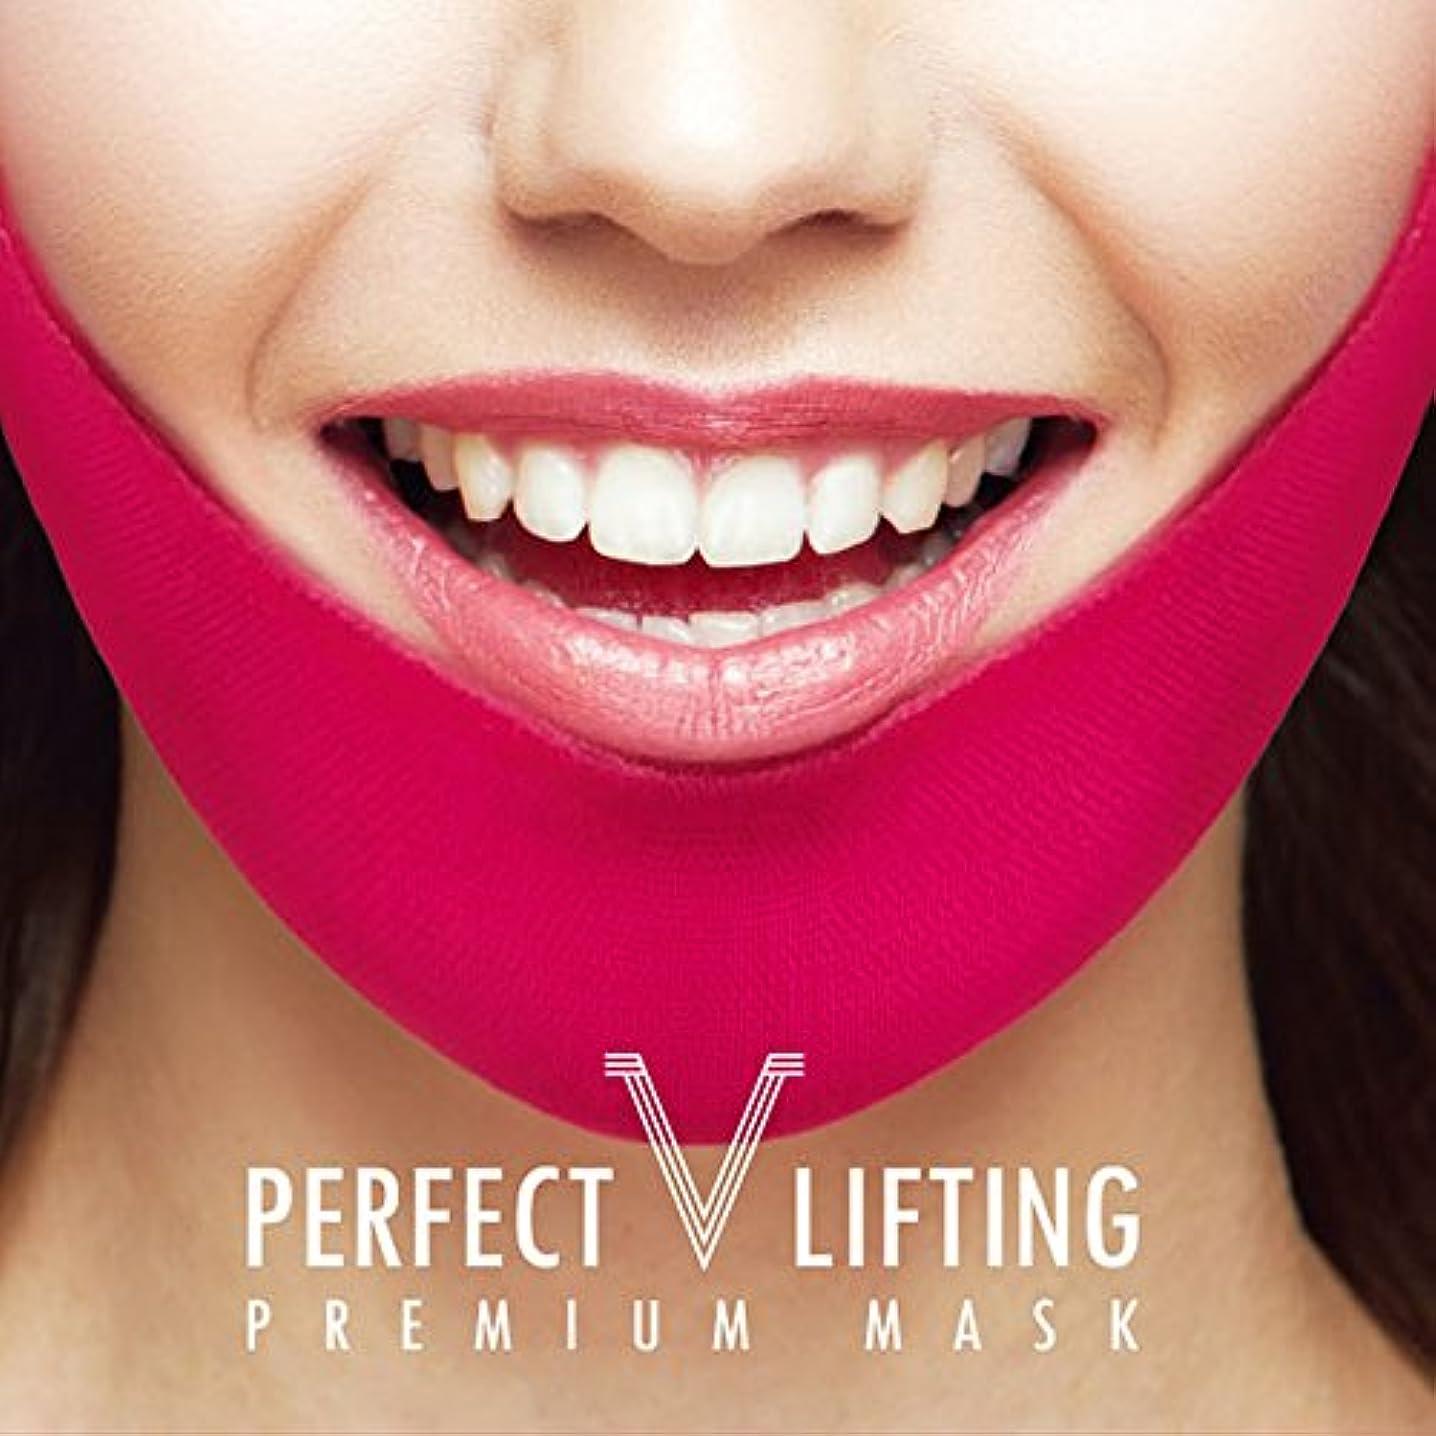 お別れペレットシルクAvajar パーフェクト V リフティング プレミアムマスク エイバザール マスク フェイスマスク 小顔効果と顎ラインを取り戻す 1パック